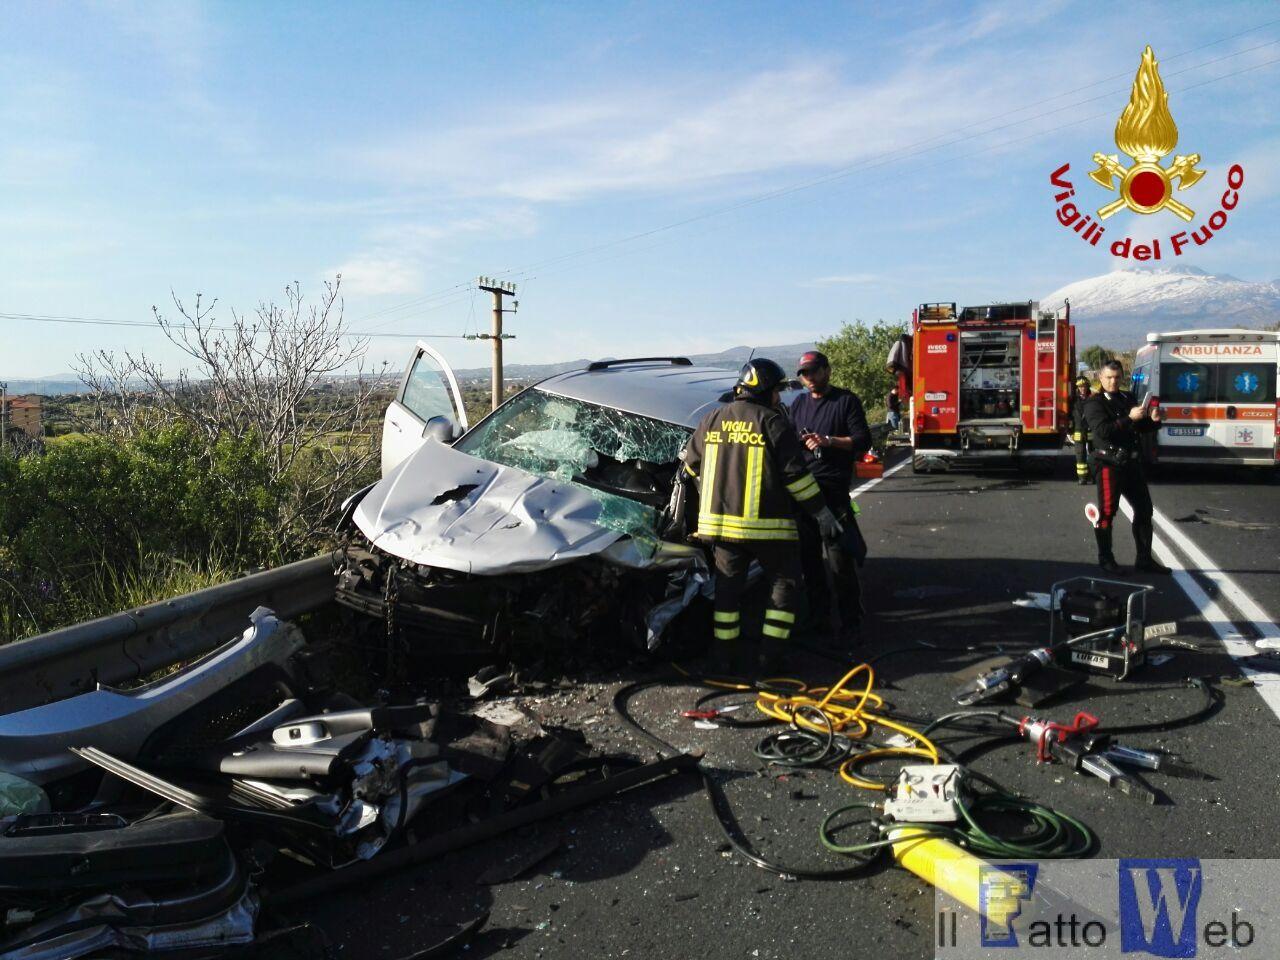 Grave incidente stradale nei pressi di Paternò, sul posto intervengono i Vigili del Fuoco